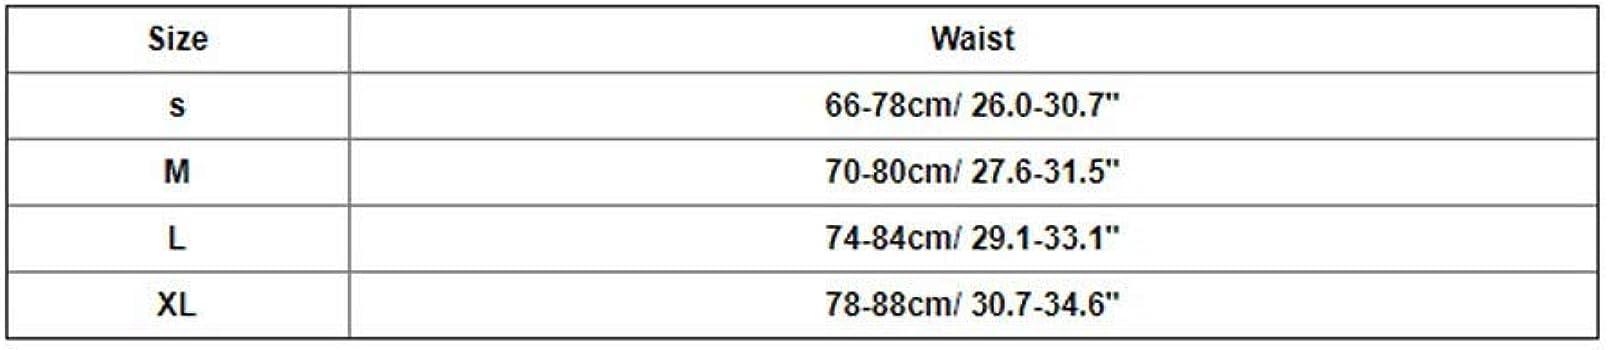 XuanhaFU Calzoncillo Slip Pack de 1 DE Spandex y Nylon Peinado para Hombre con Soporte Frontal, Malla de Cadera Expuesta (Blanco, S): Amazon.es: Ropa y accesorios